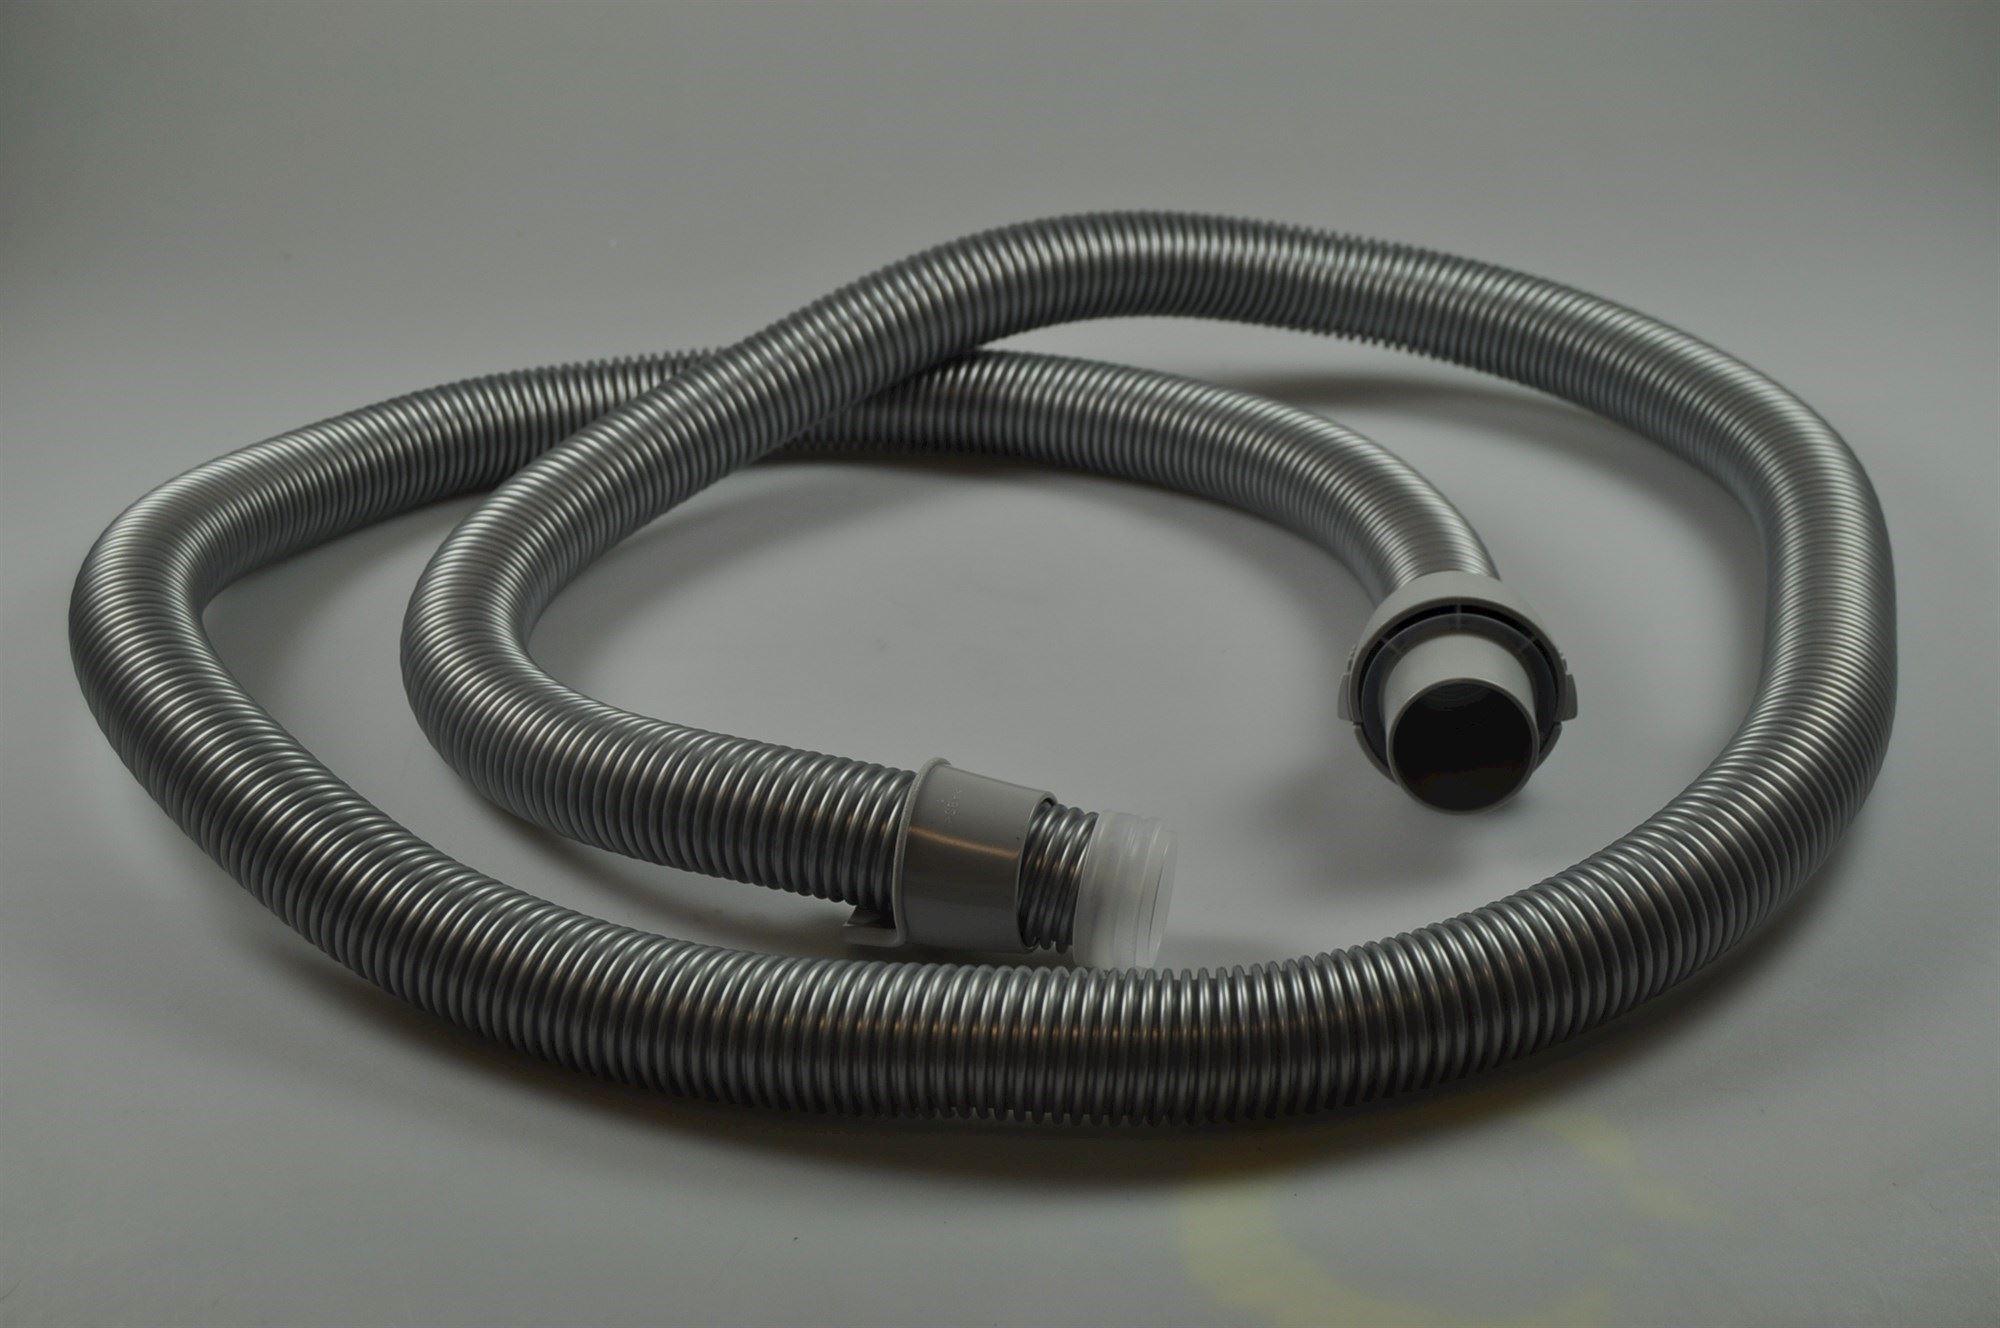 Støvsugerslange, AEG støvsuger